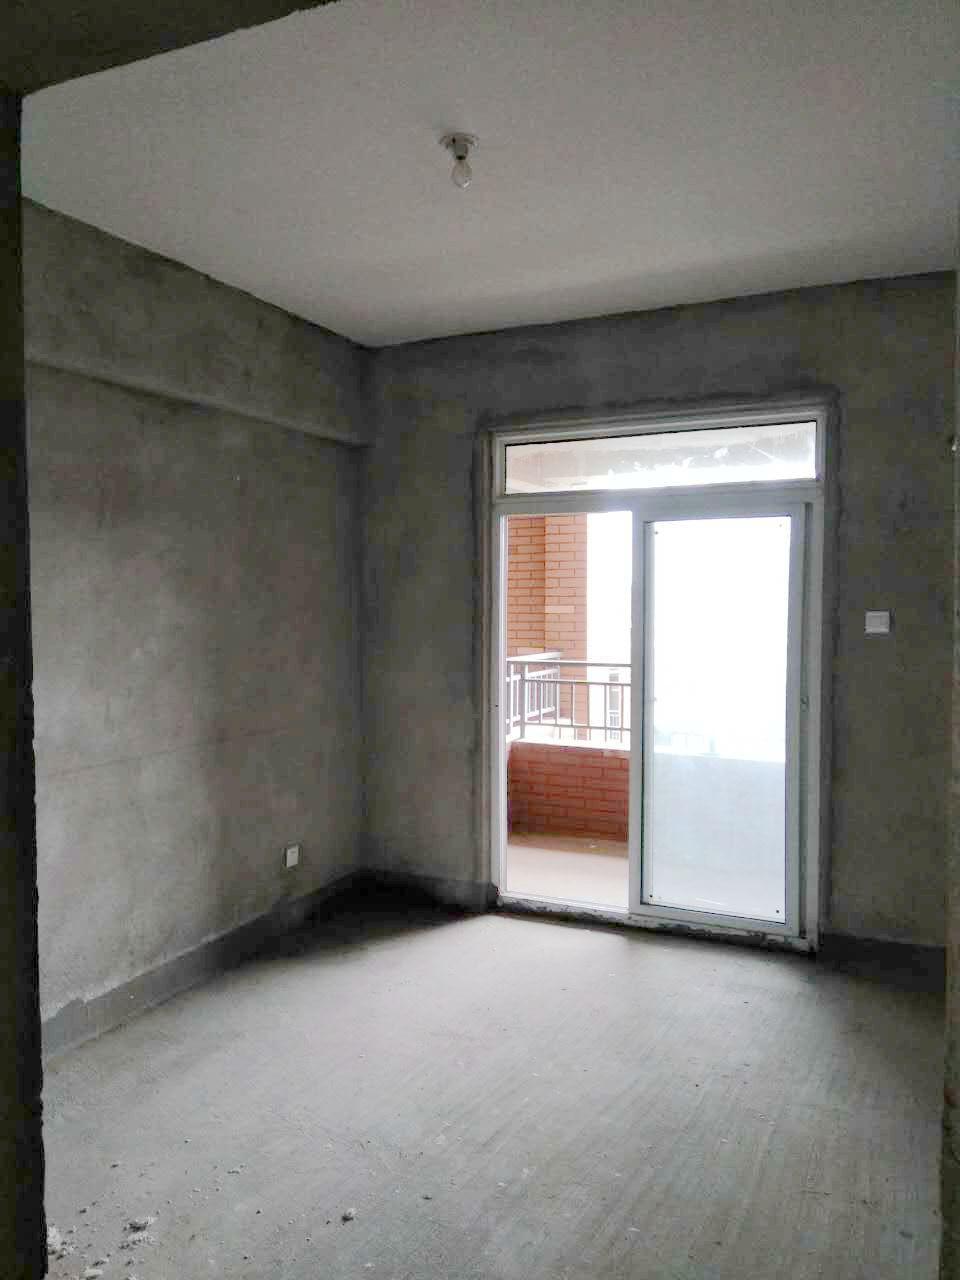 英伦联邦4室2厅1厨2卫1阳台125.42平米_5